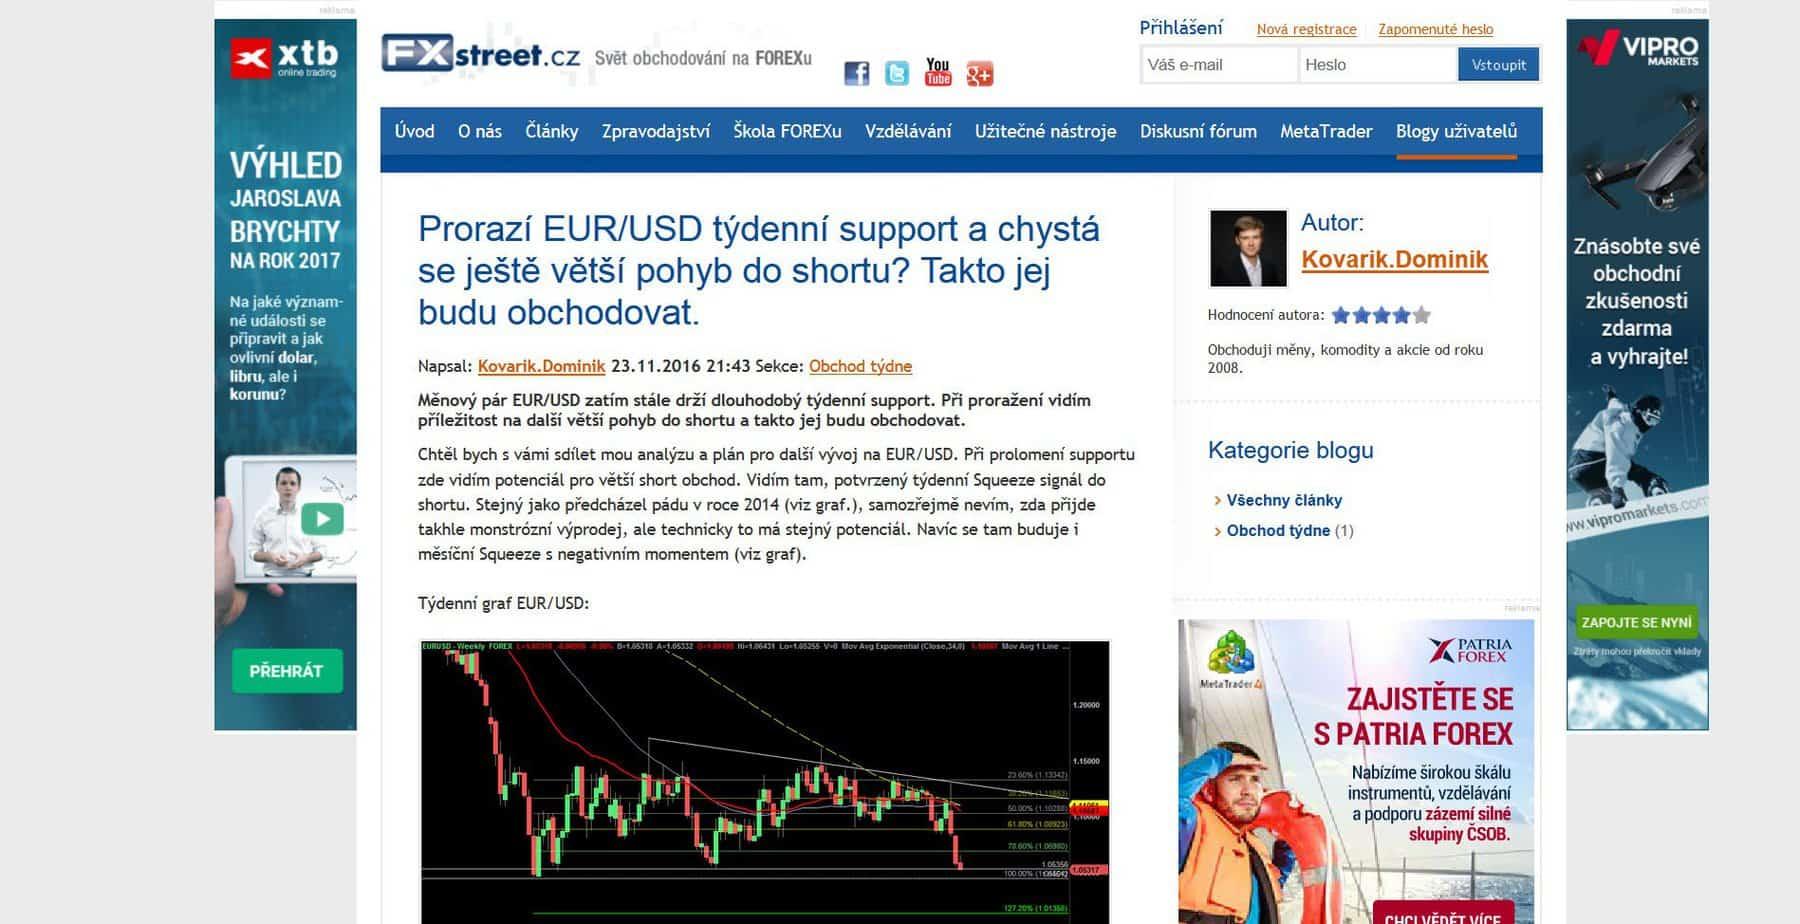 Analýza EUR/USD, kterou jsem psal pro magazín FXstreet.cz se naplnila. Jak to vypadá s EUR/USD dál?